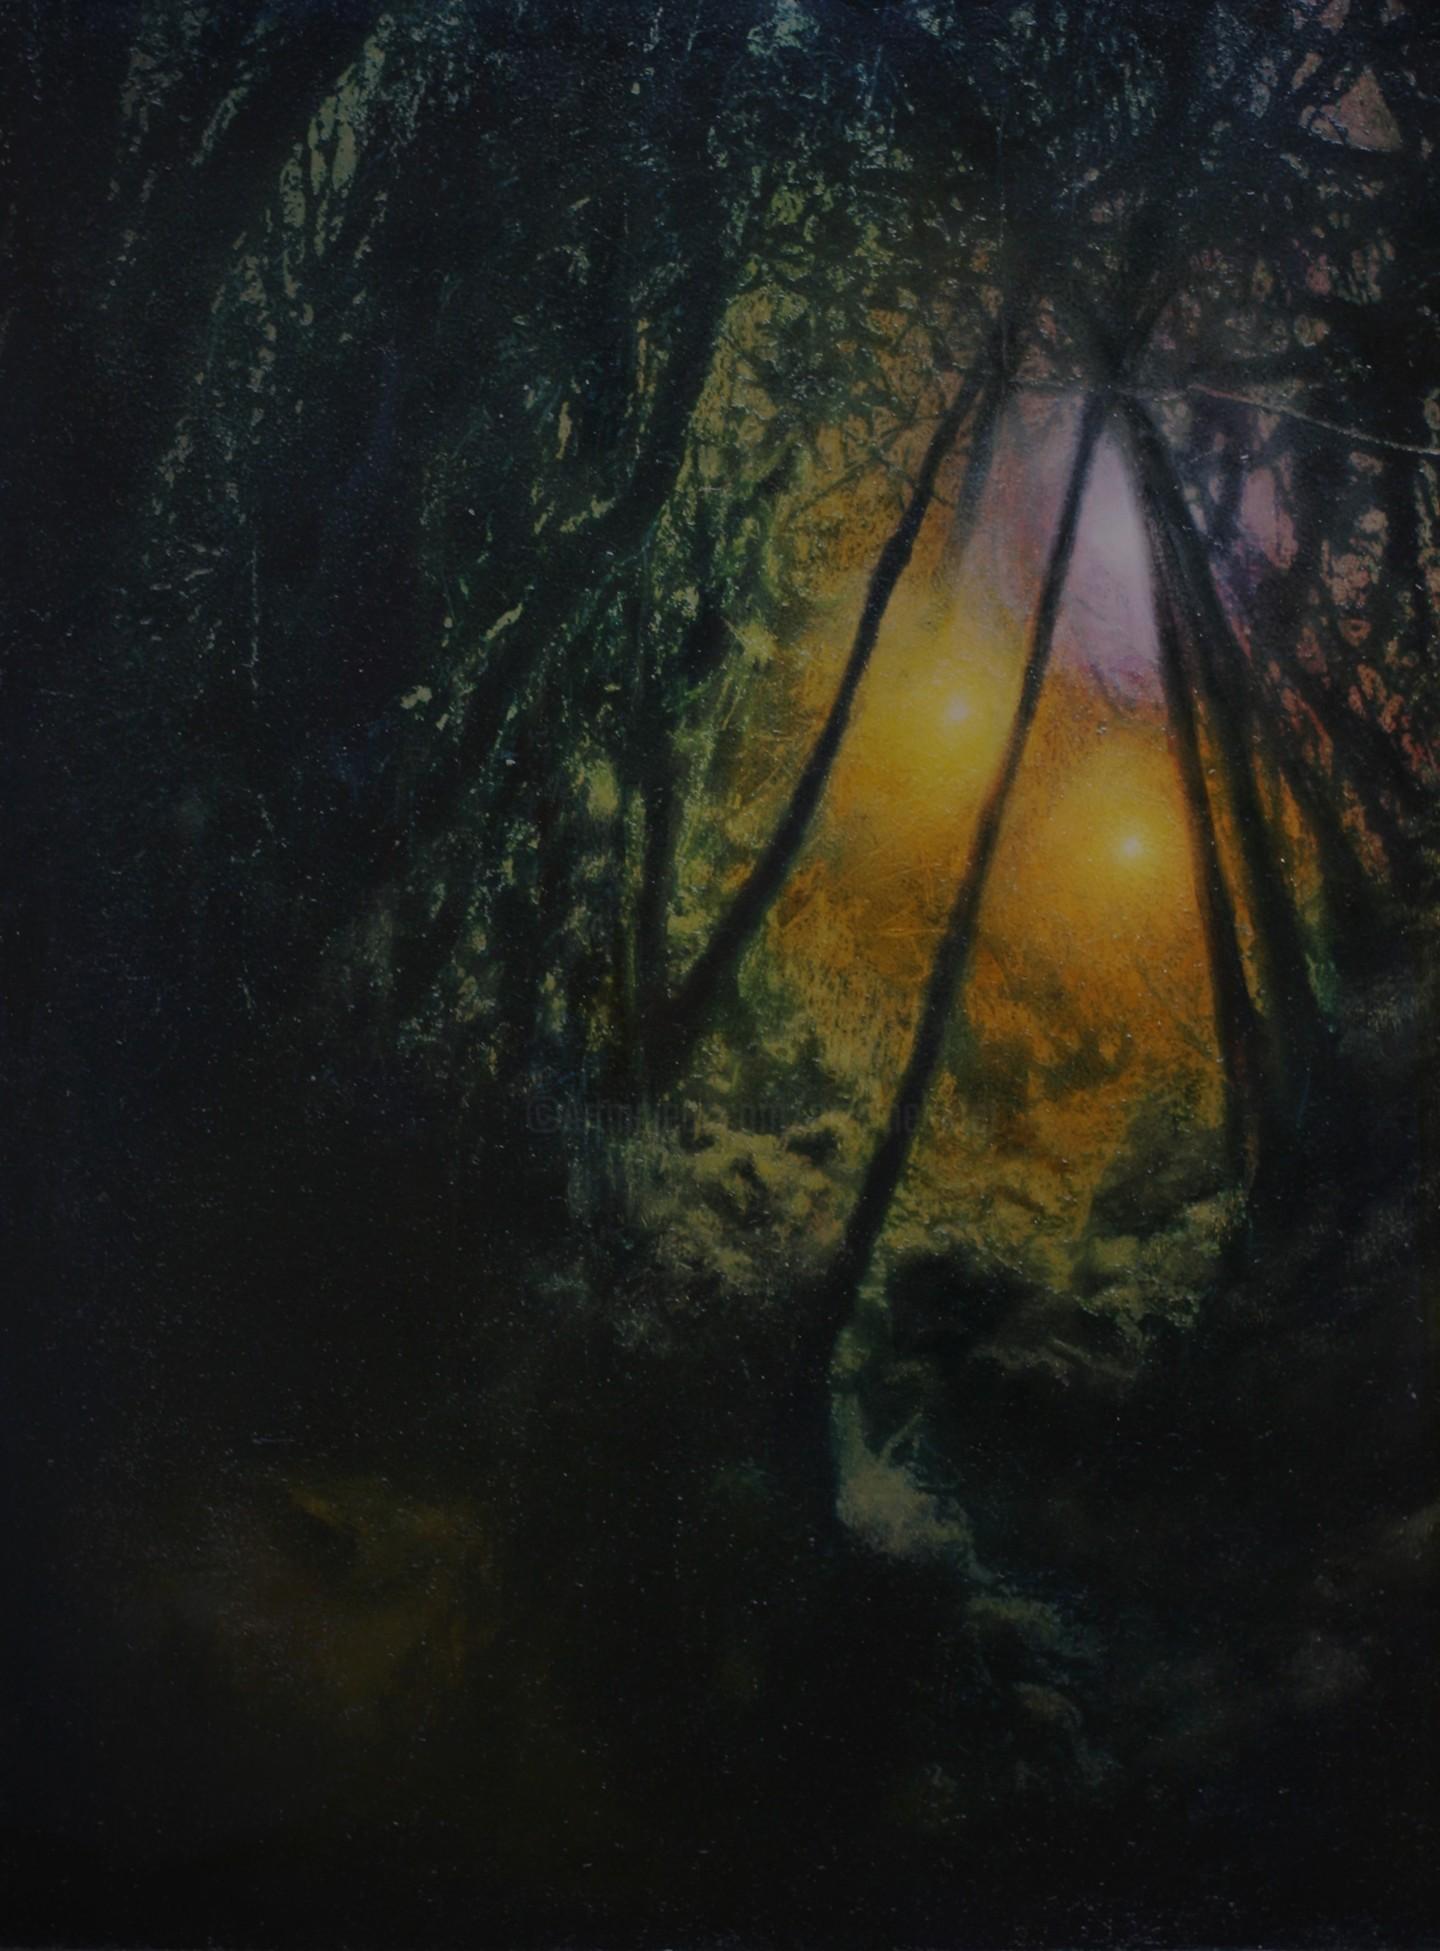 Przemek Kret - Deep in the heart of the woods